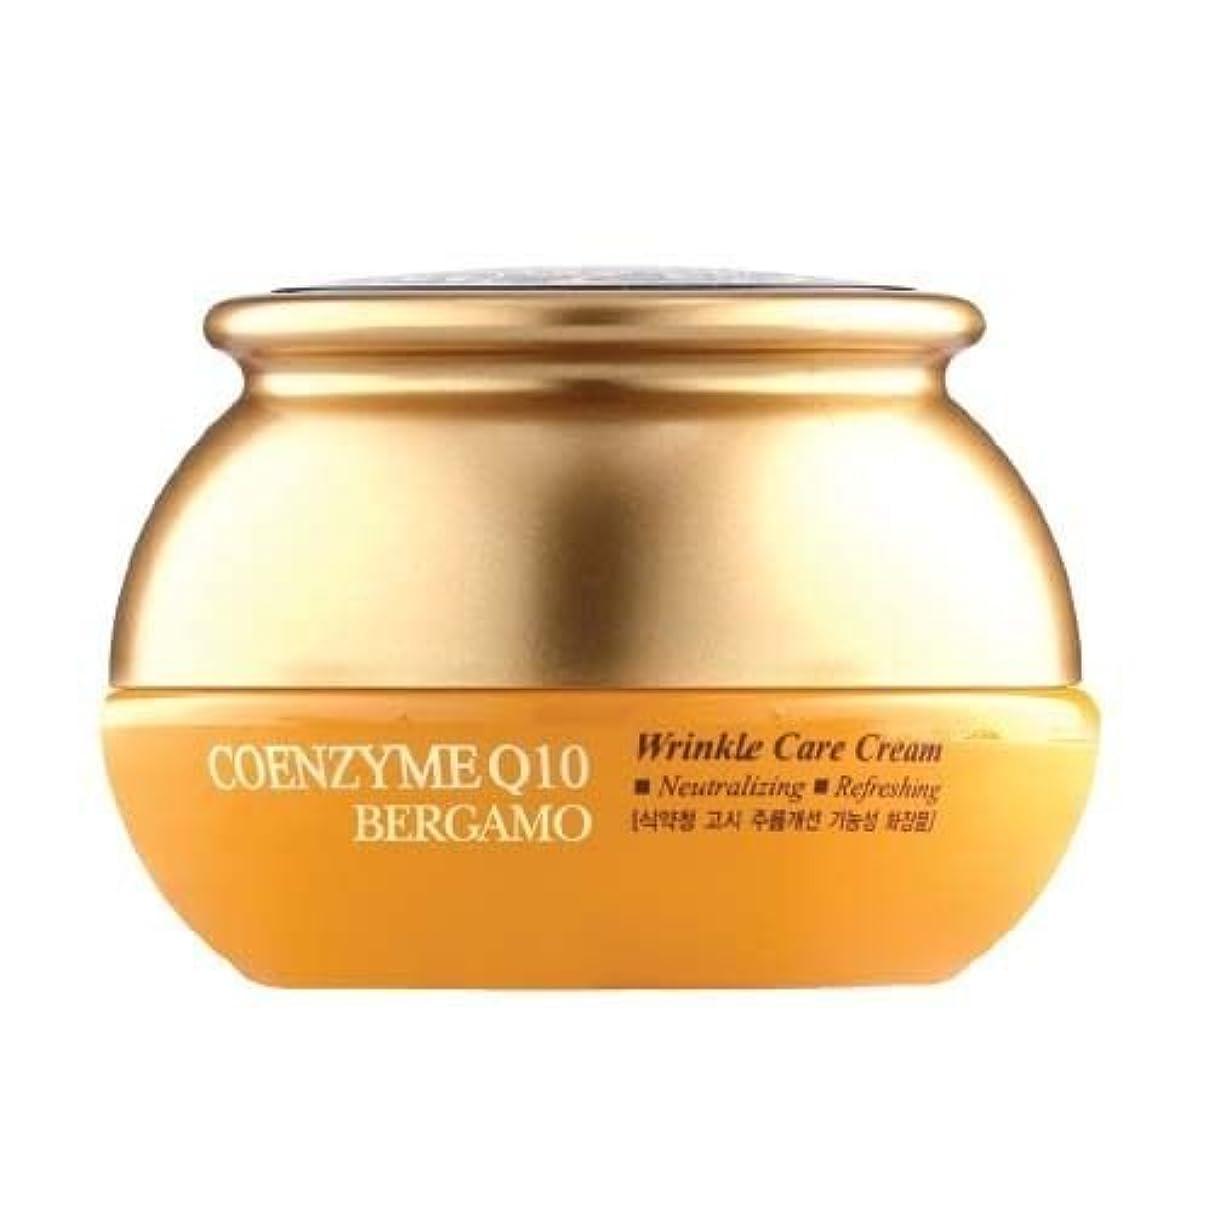 奇跡キャリッジ妖精ベルガモ[韓国コスメBergamo]Coenzyme Q10 Wrinkle Care Cream コエンザイムQ10リンクルケアクリーム50ml しわ管理 [並行輸入品]